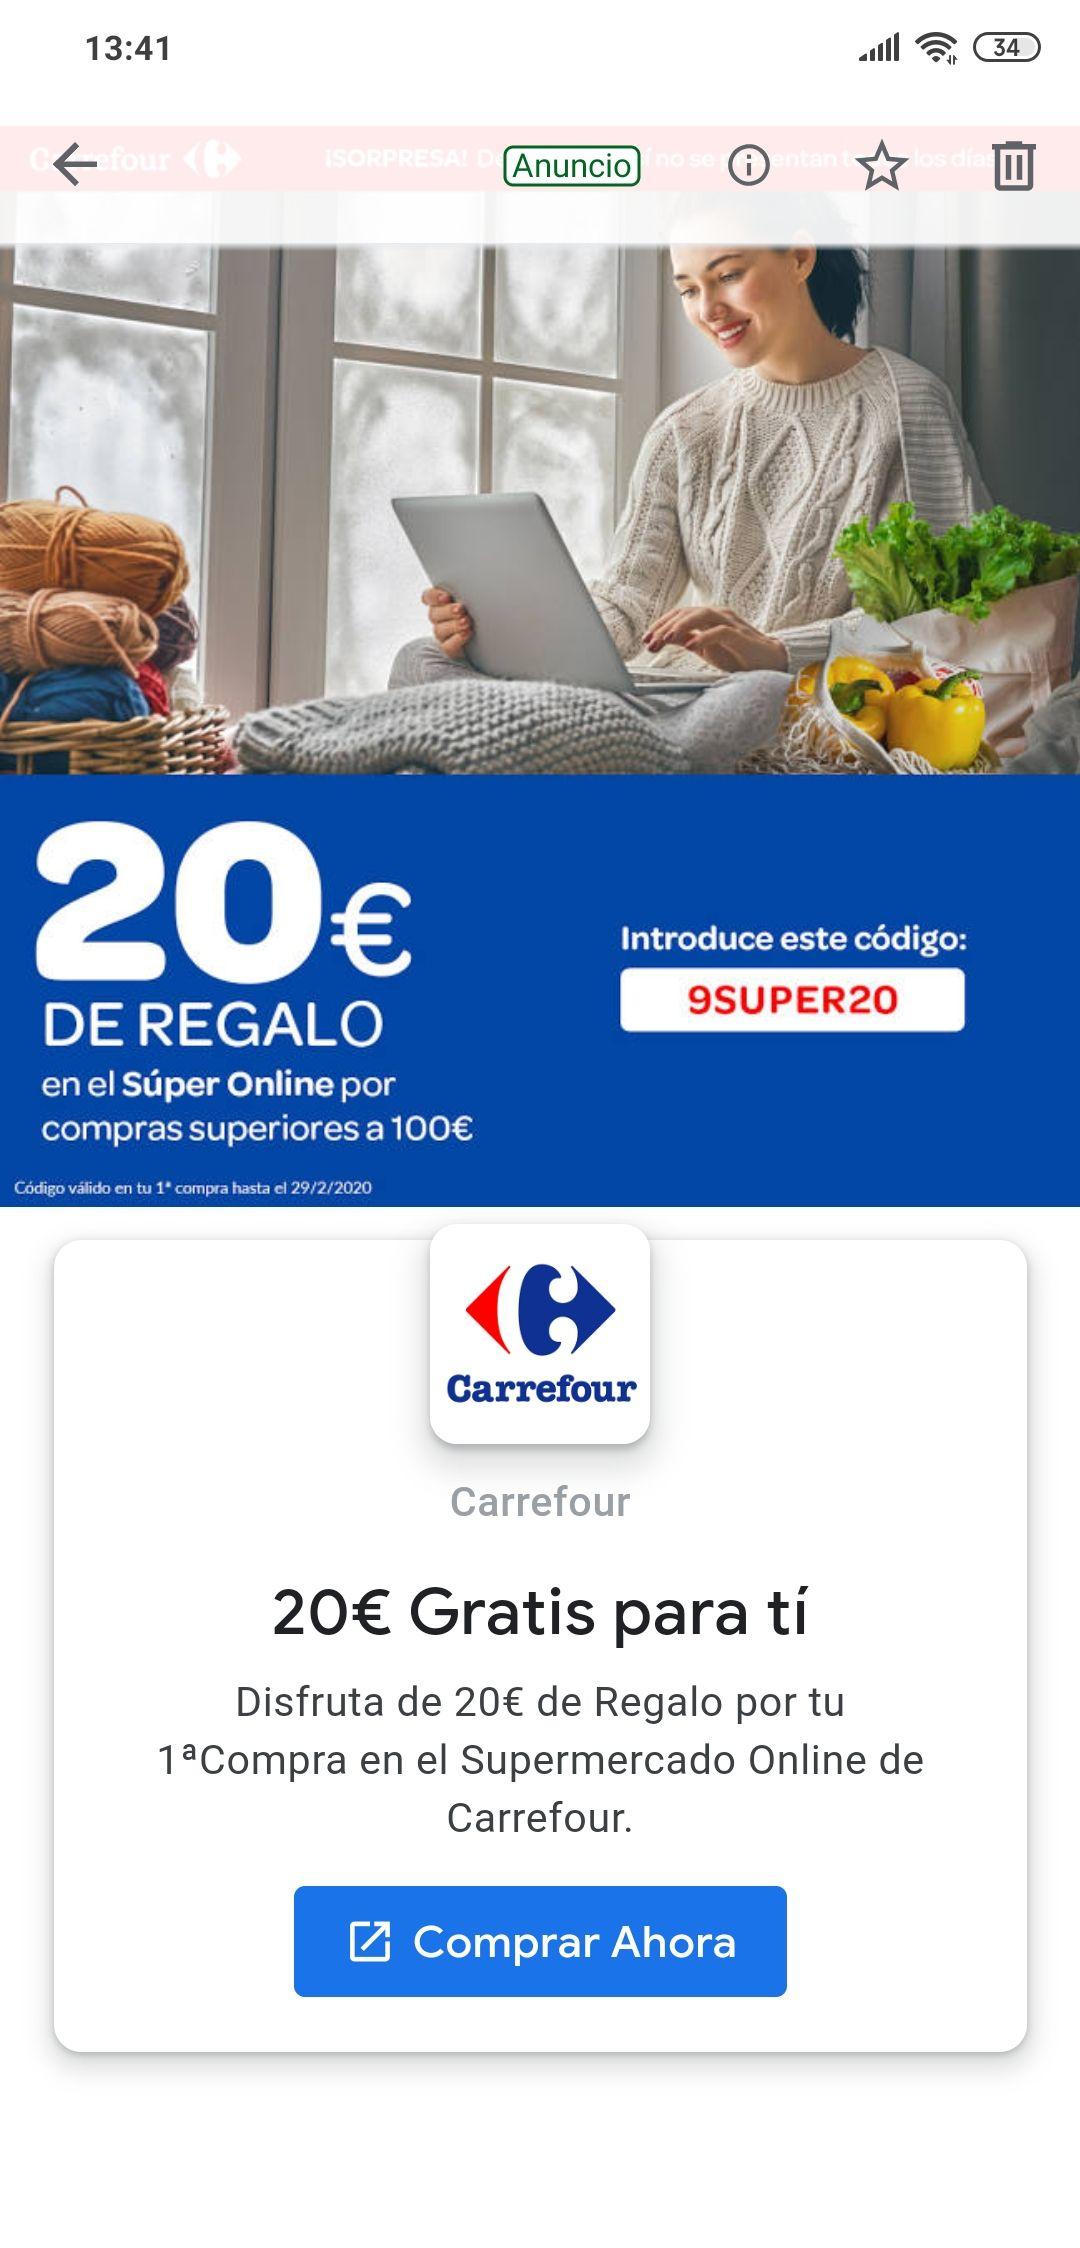 20€ gratis Carrefour compras superiores a 100€